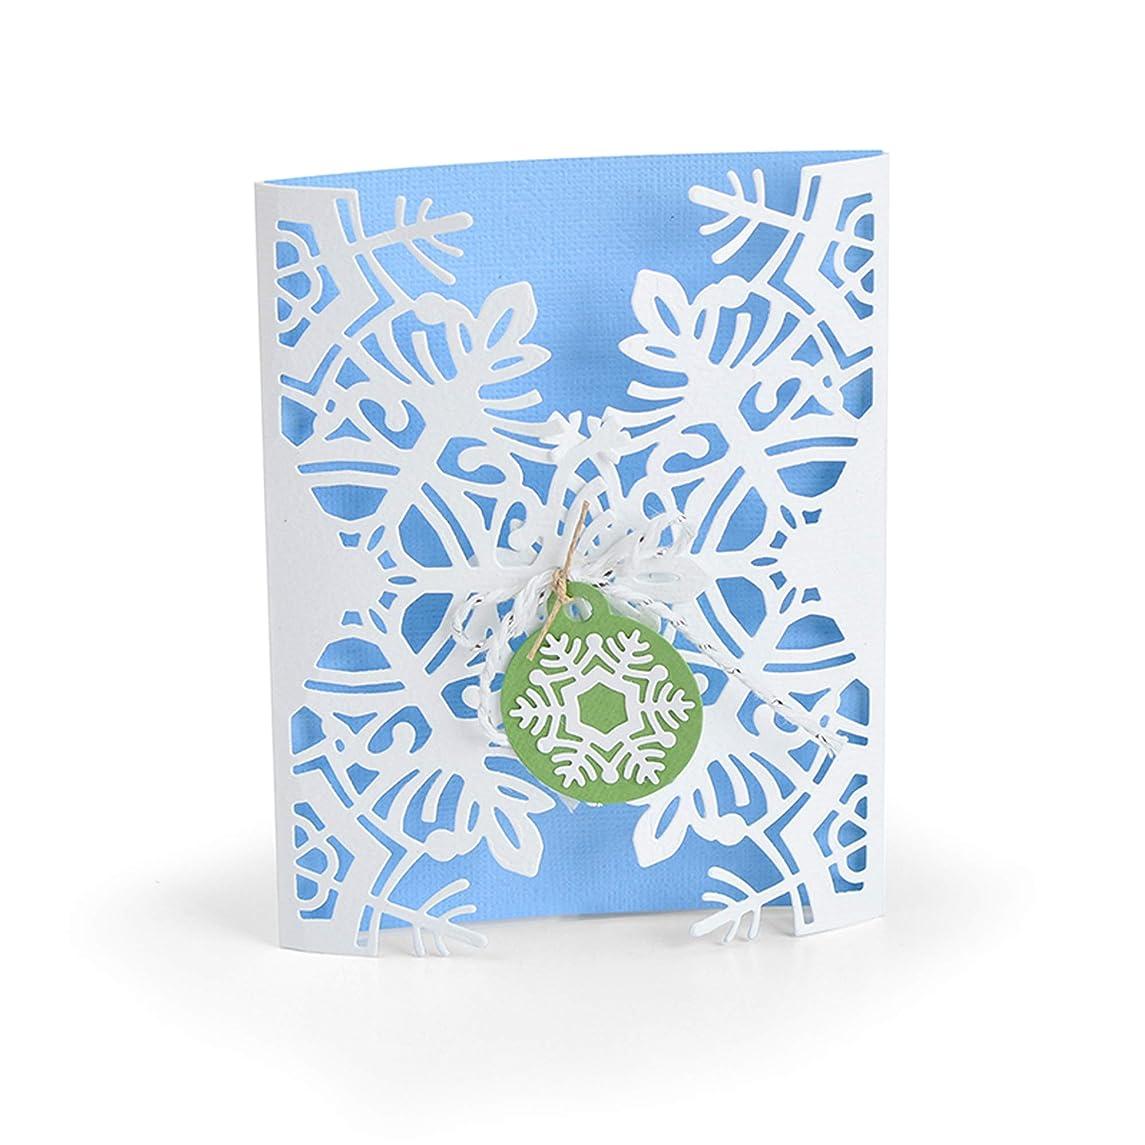 Sizzix 663606 Card Wrap Snowflake by Jordan Caderao Dies, Multicolor